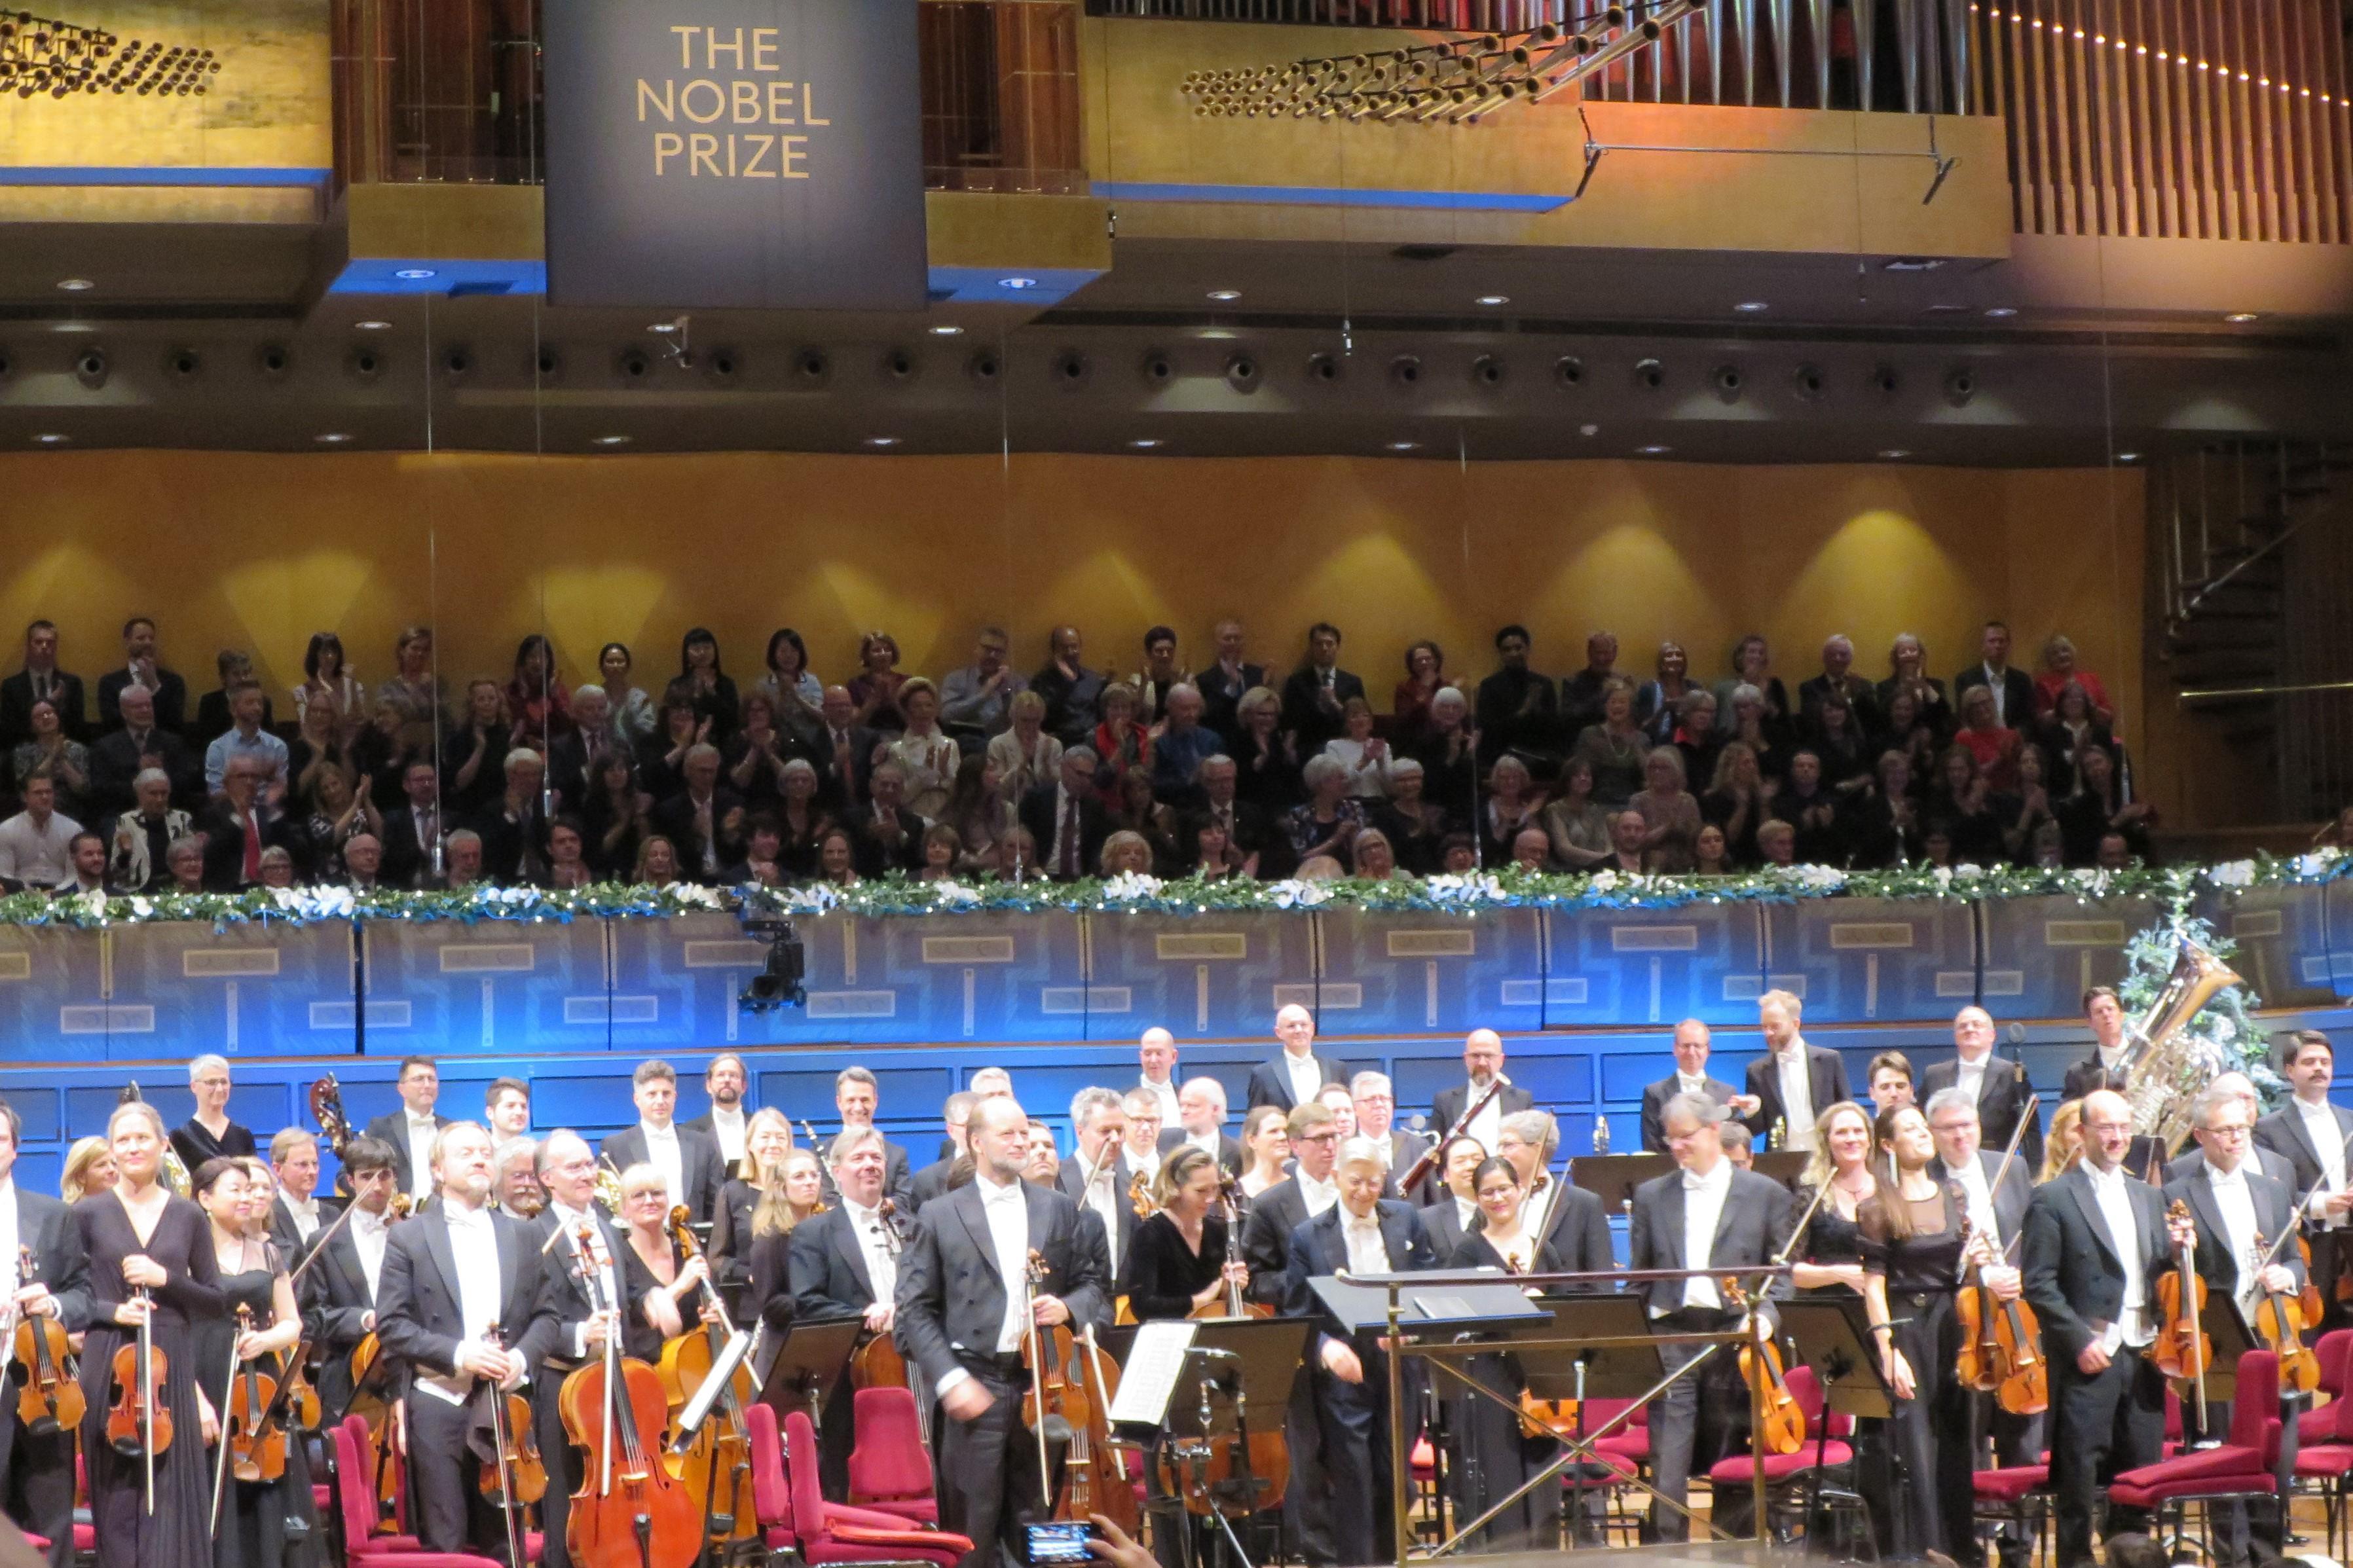 授賞式会場と同じコンサートホールで開かれたノーベル賞コンサート